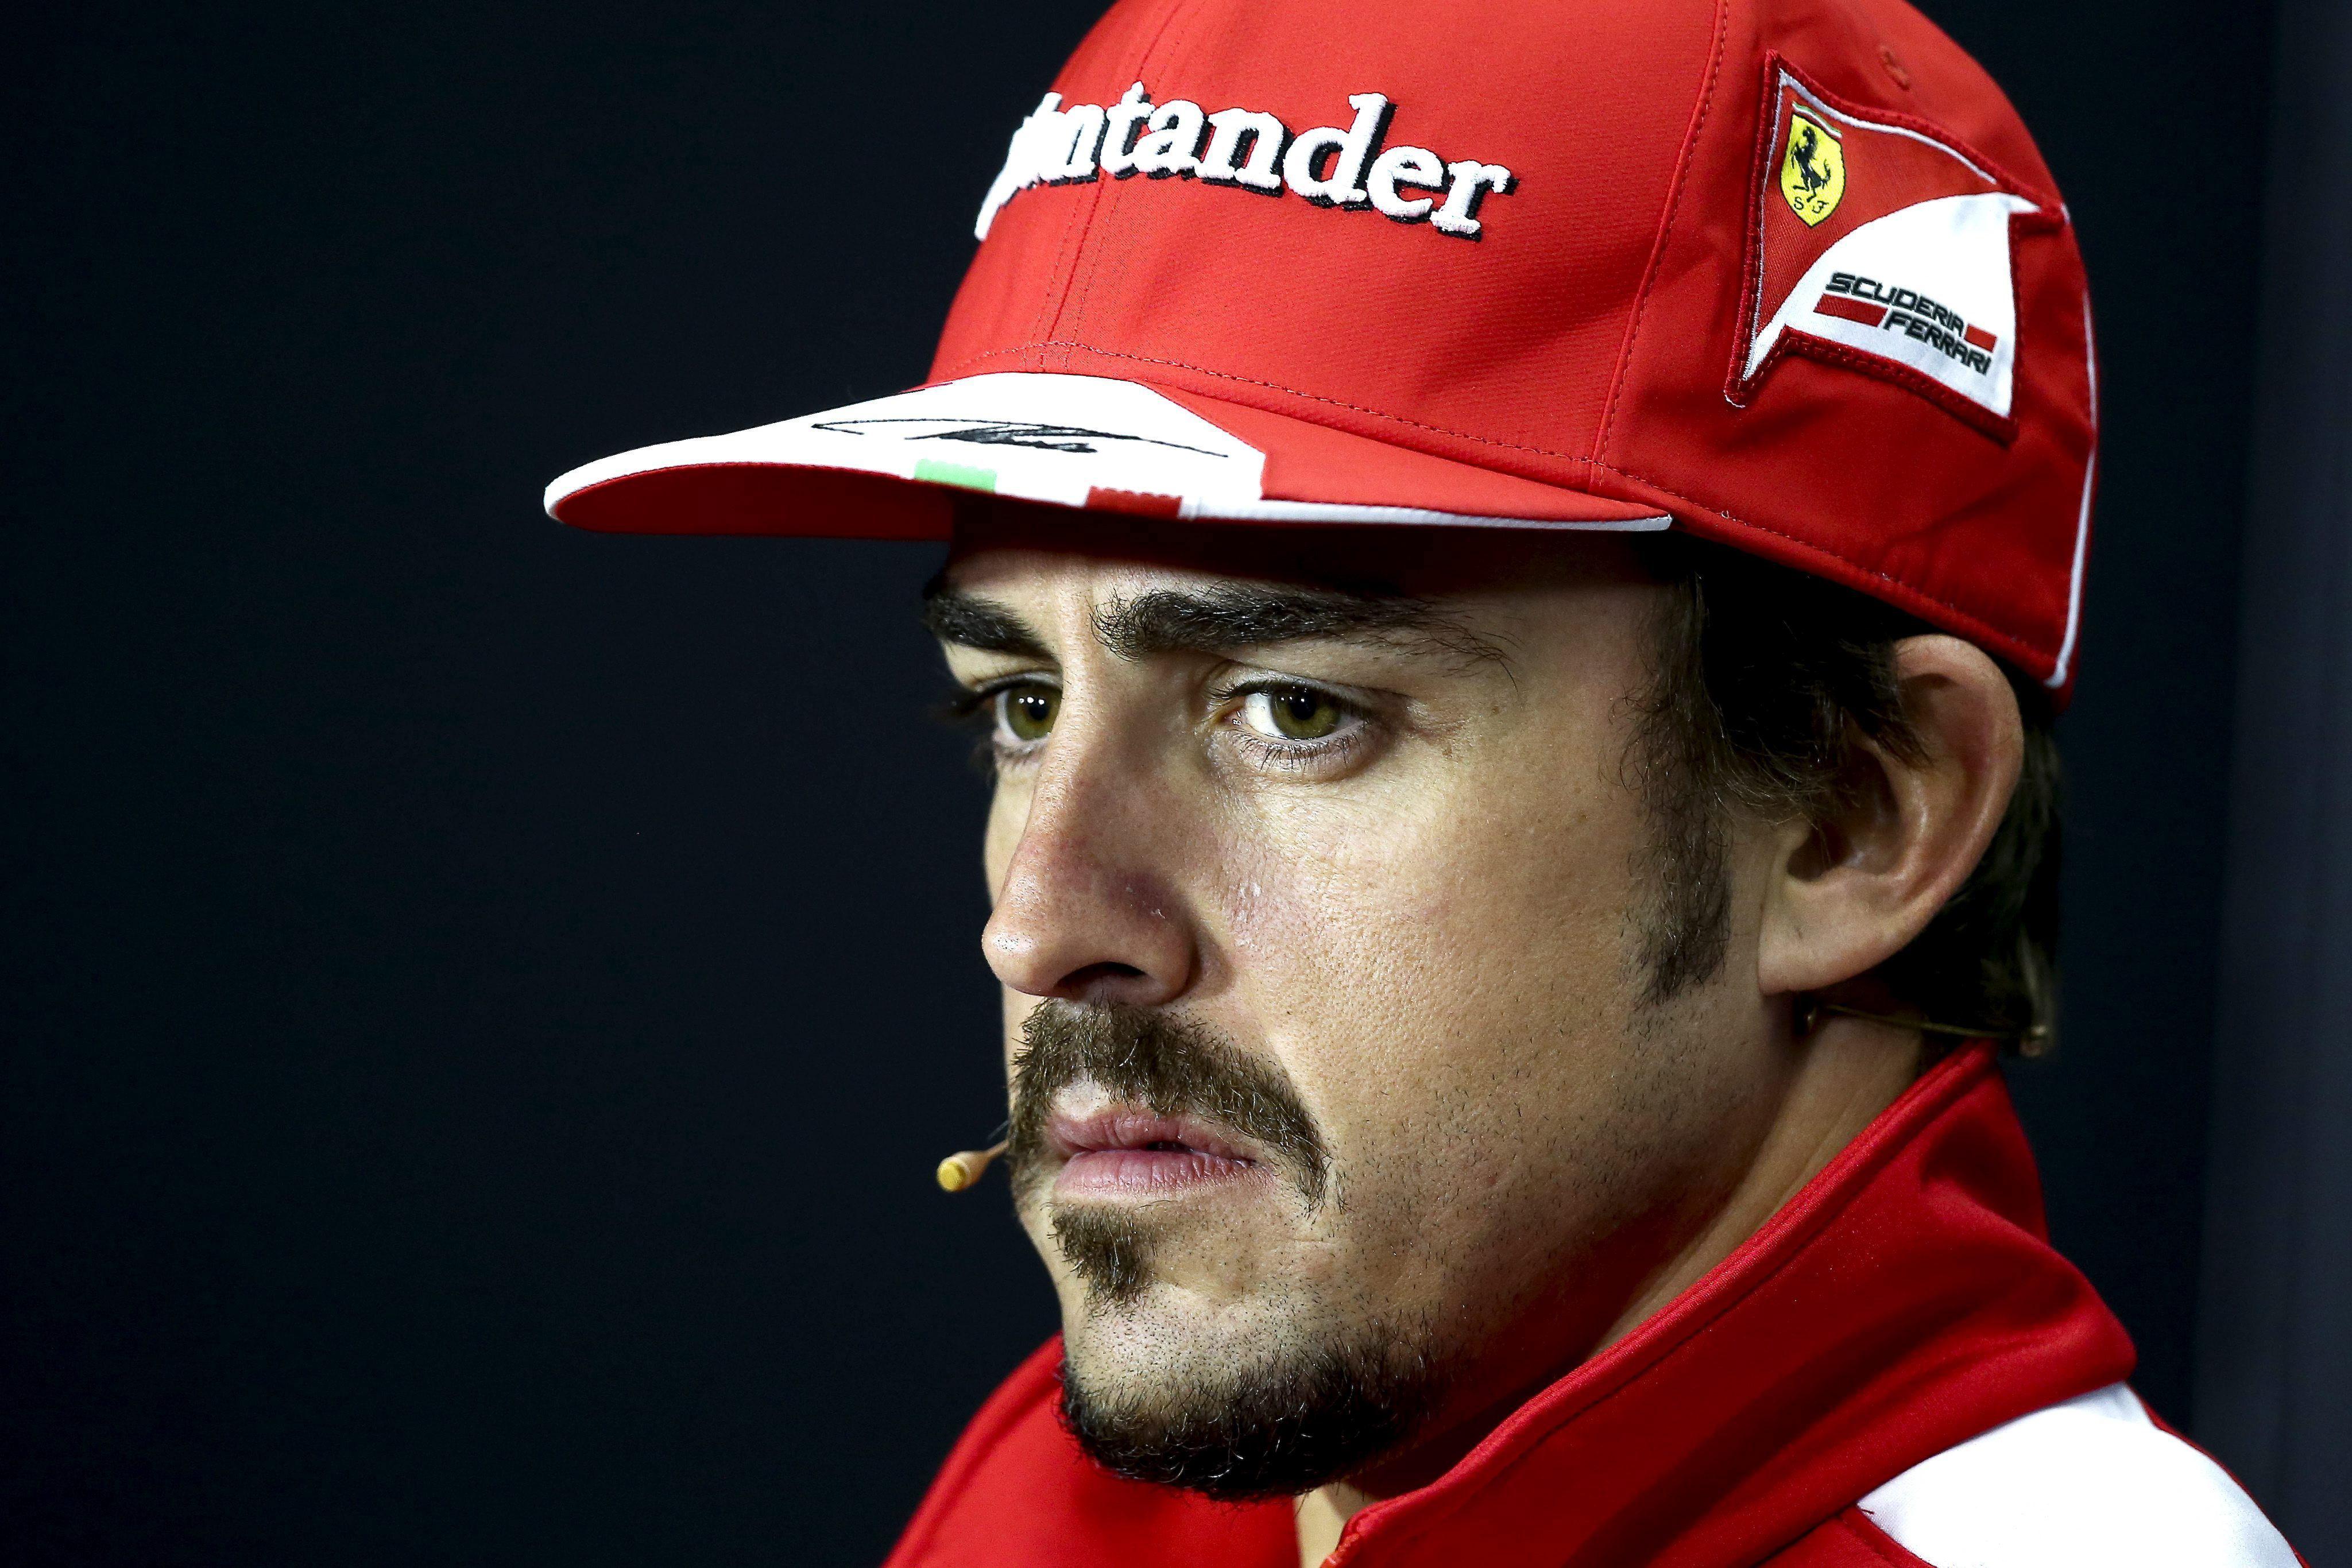 El Ferrari no anda y Alonso se mosquea